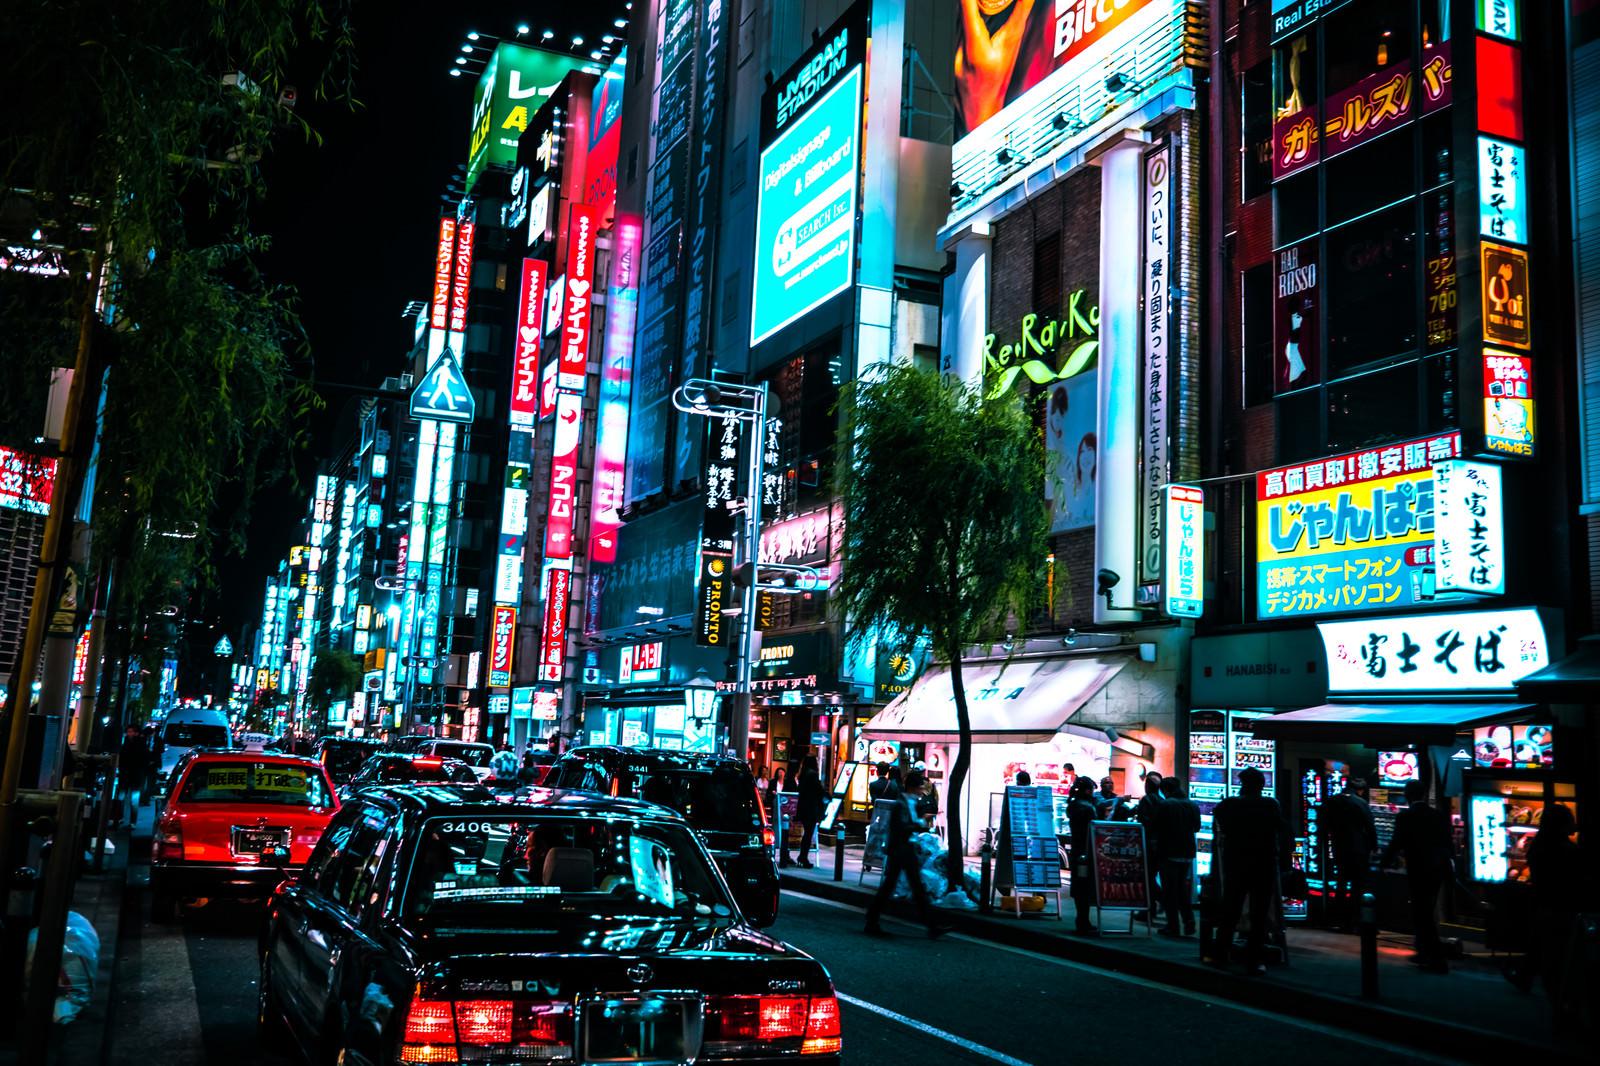 「繁華街のネオンと路肩に停めるタクシー(新橋)繁華街のネオンと路肩に停めるタクシー(新橋)」のフリー写真素材を拡大